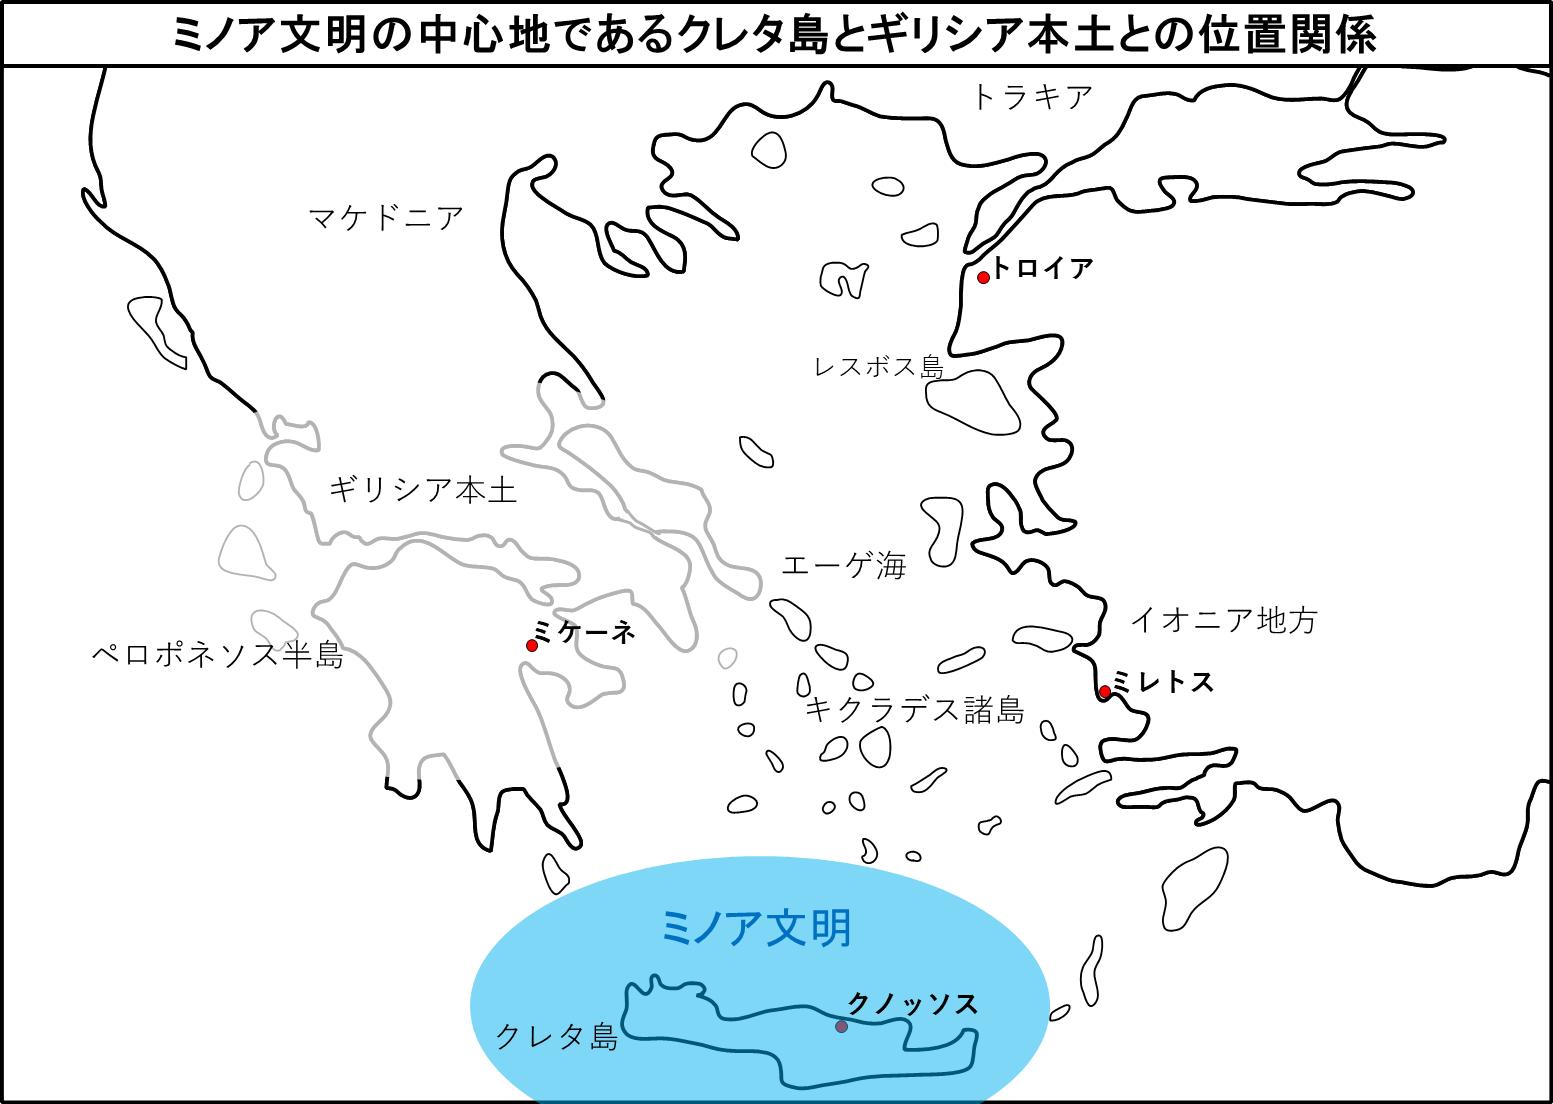 ミノア文明の中心地であるクレタ島とギリシア本土との位置関係